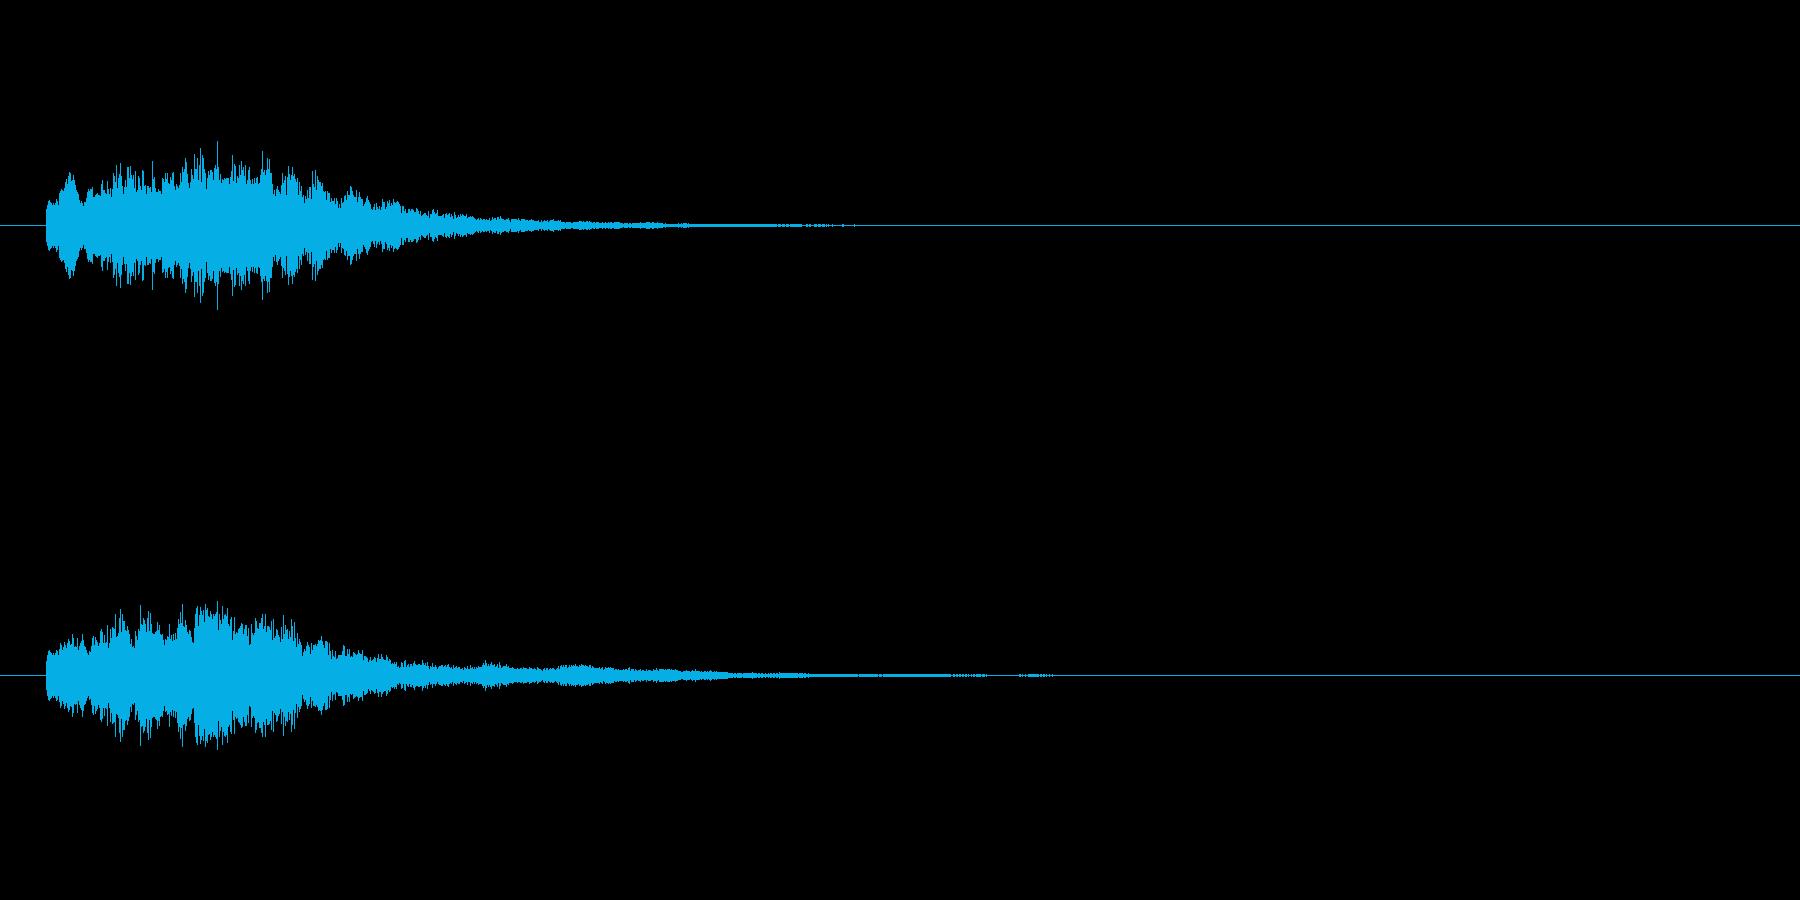 コインなどのアイテム音(キラキラ系)の再生済みの波形